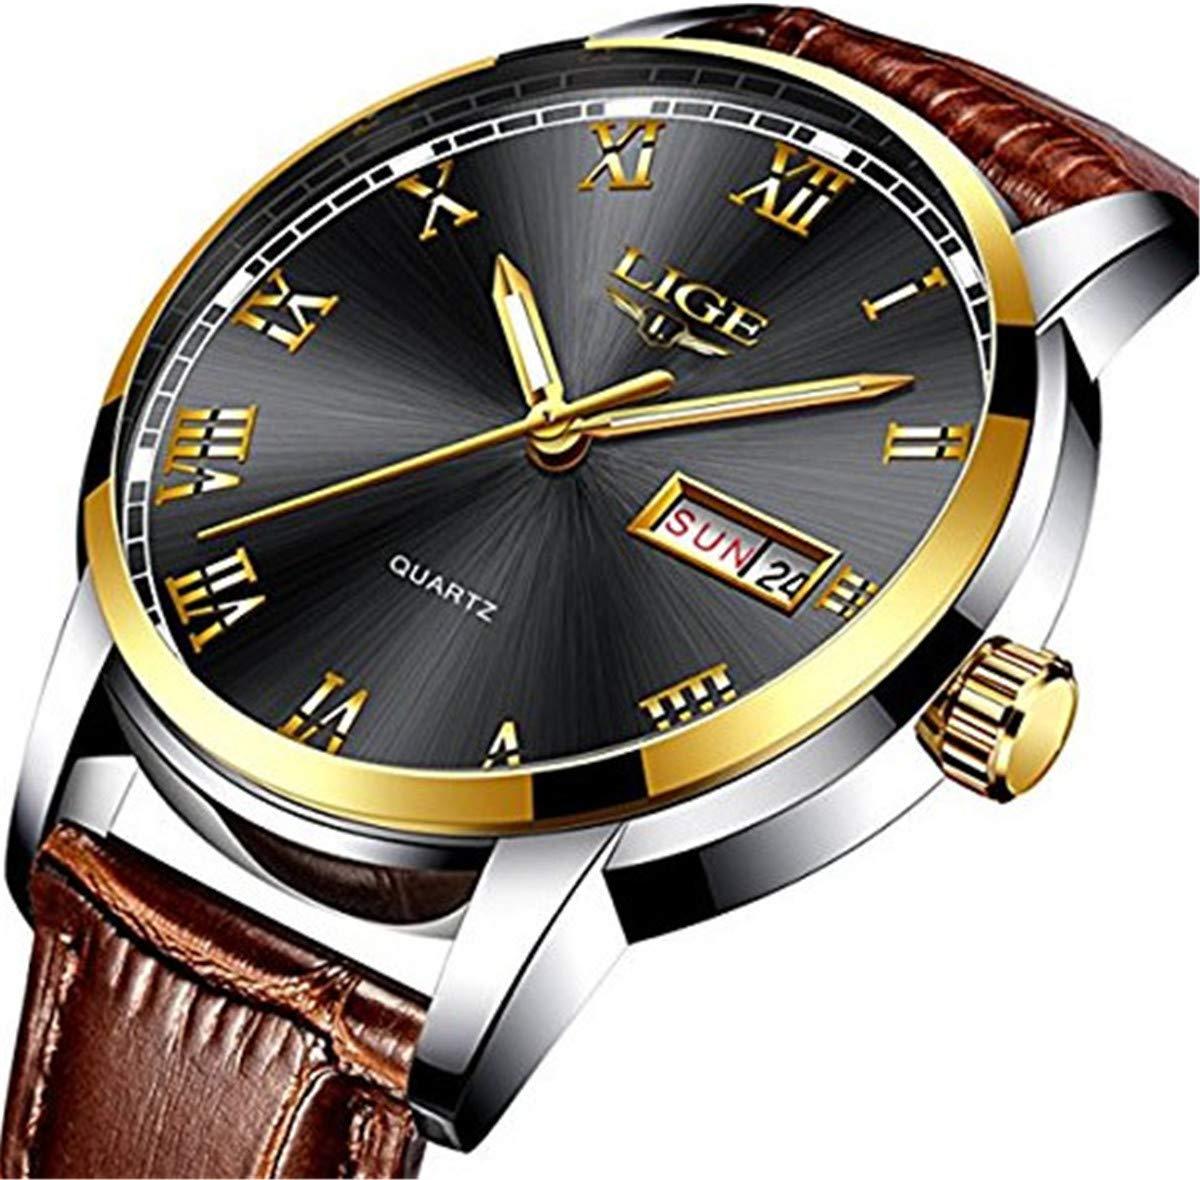 Herren-Schwarz-Uhren-wasserdicht-30-m-Datum-Kalender-Armbanduhr-fr-Mnner-Teenager-Jungen-Leder-Band-Fashion-Casual-Luxus-Business-Herren-Sport-Uhren